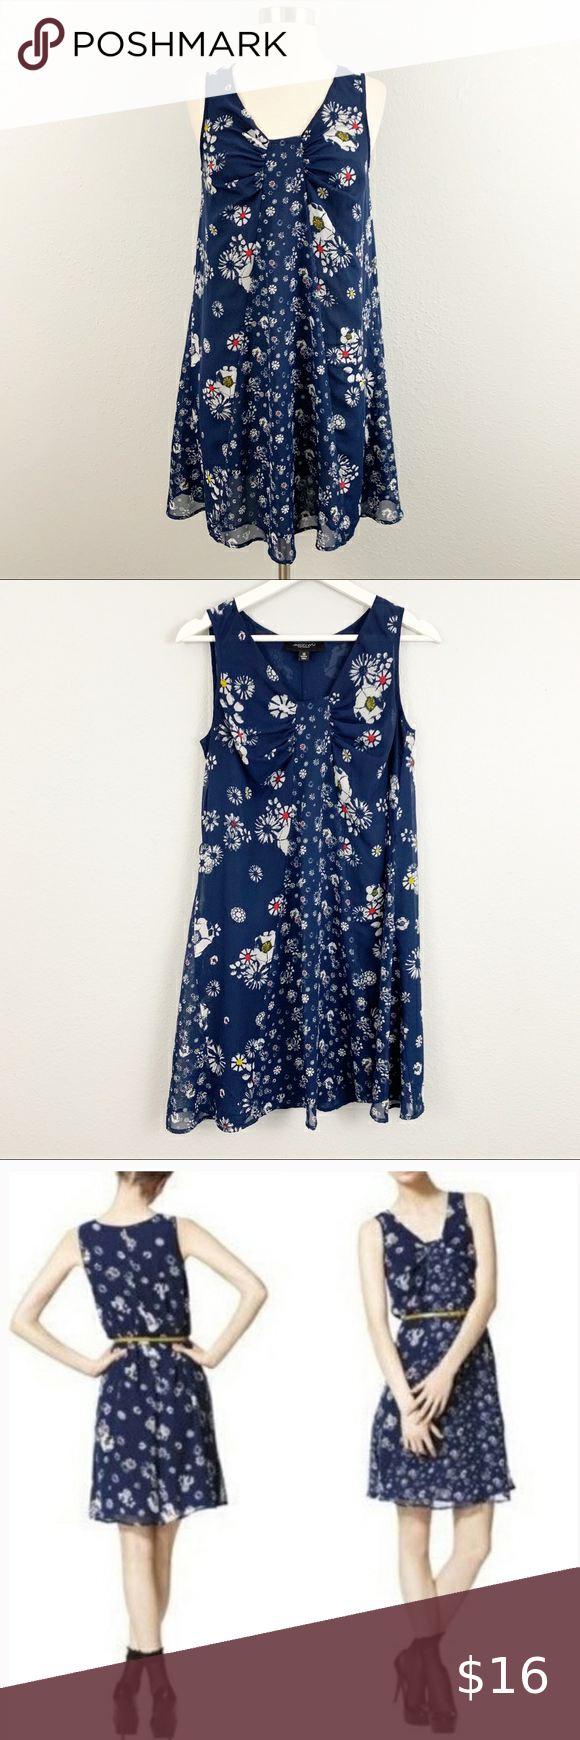 Jason Wu For Target Blue Floral Dress Floral Blue Dress Sleeveless Chiffon Dress Dress Size Chart Women [ 1740 x 580 Pixel ]